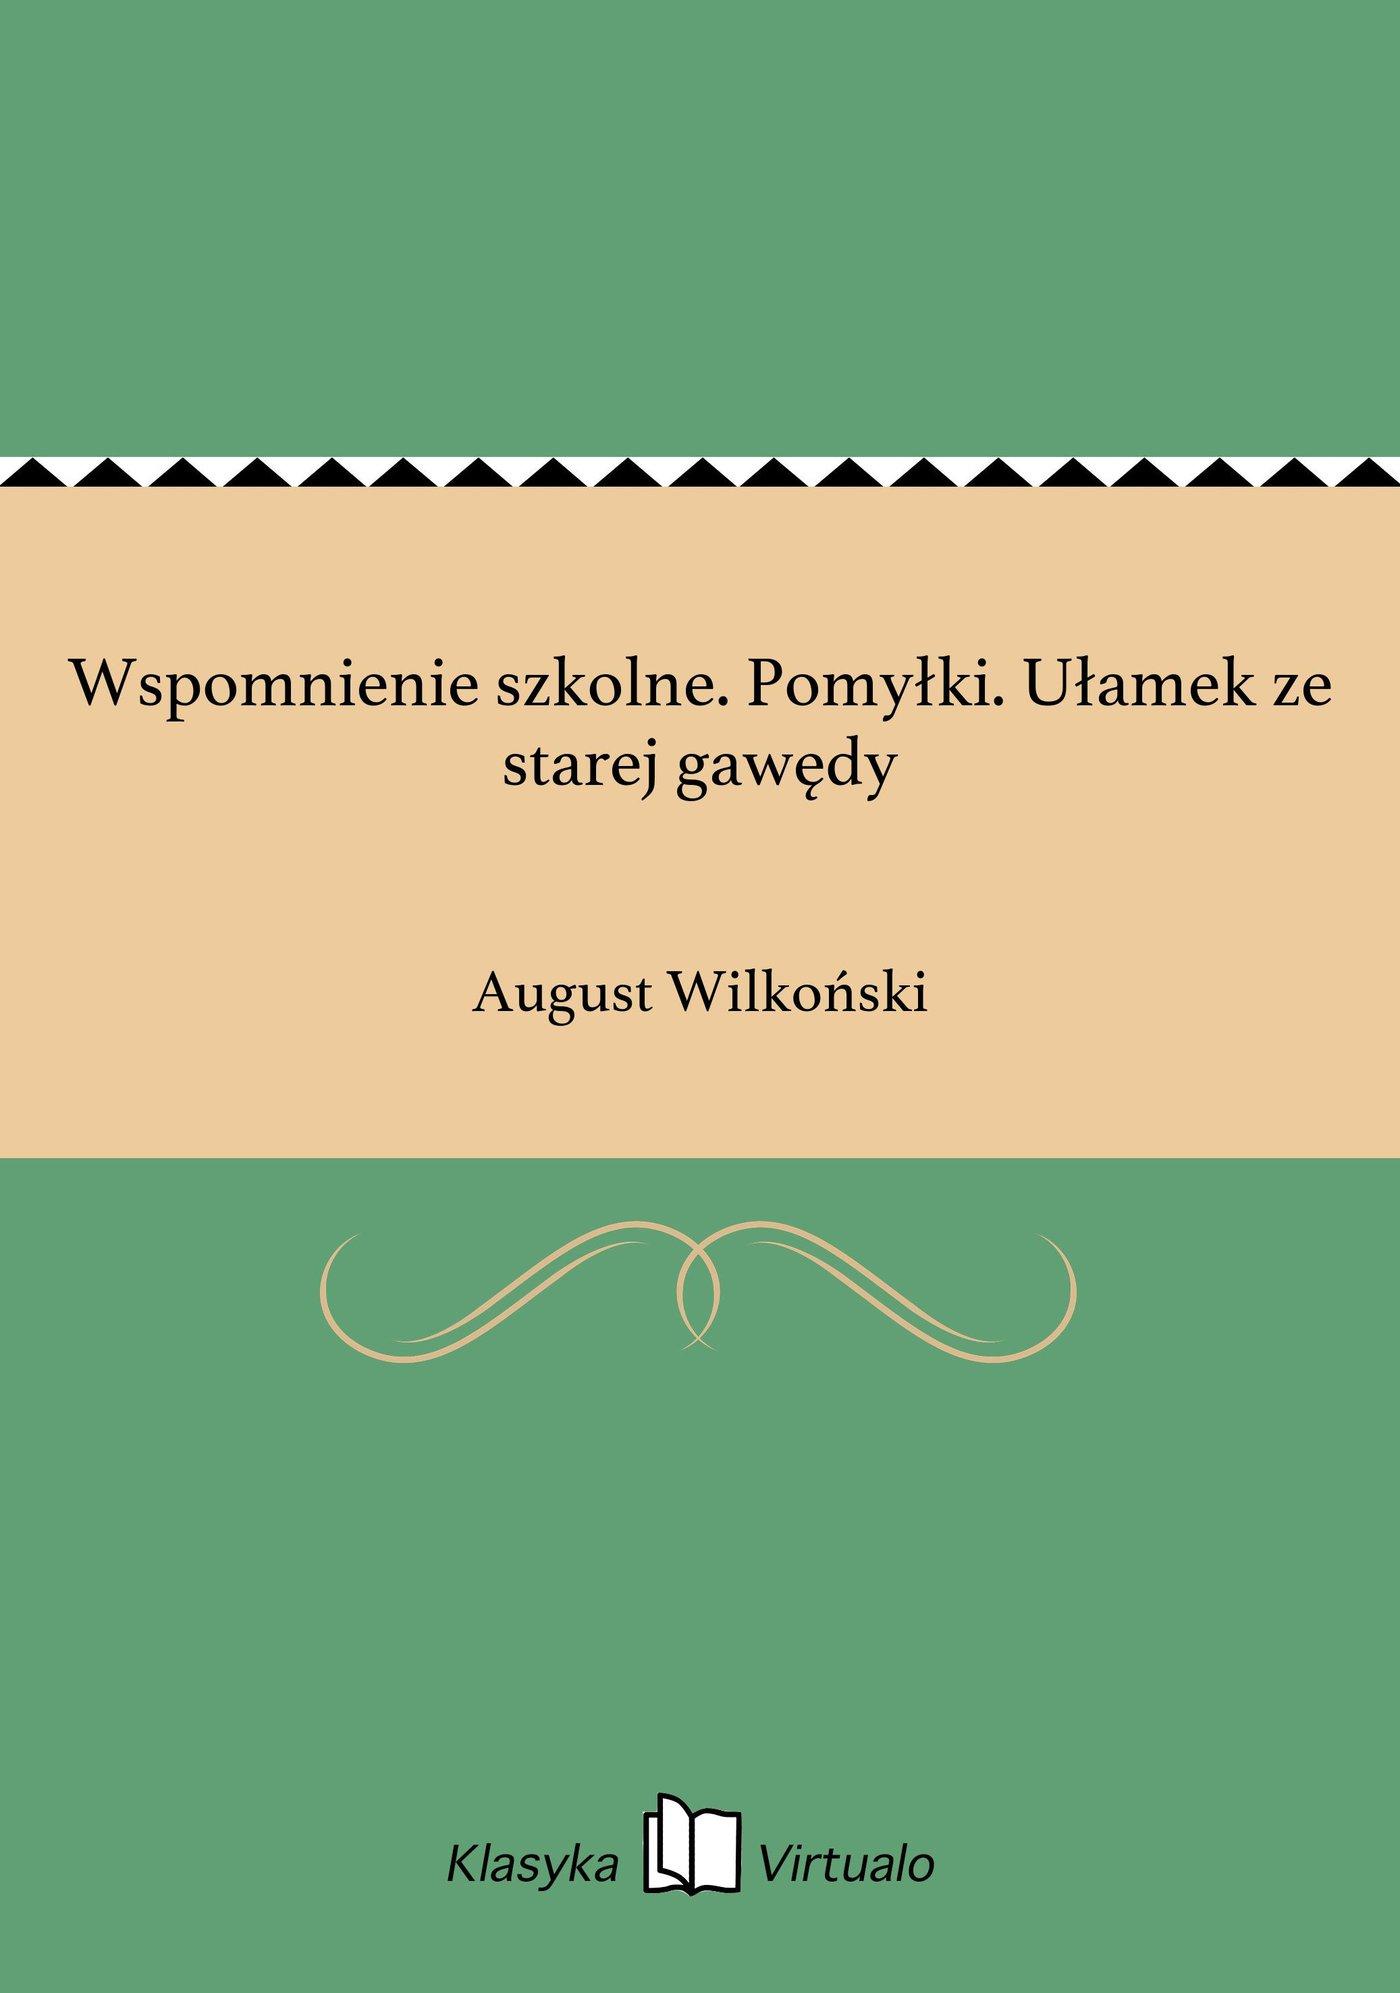 Wspomnienie szkolne. Pomyłki. Ułamek ze starej gawędy - Ebook (Książka EPUB) do pobrania w formacie EPUB